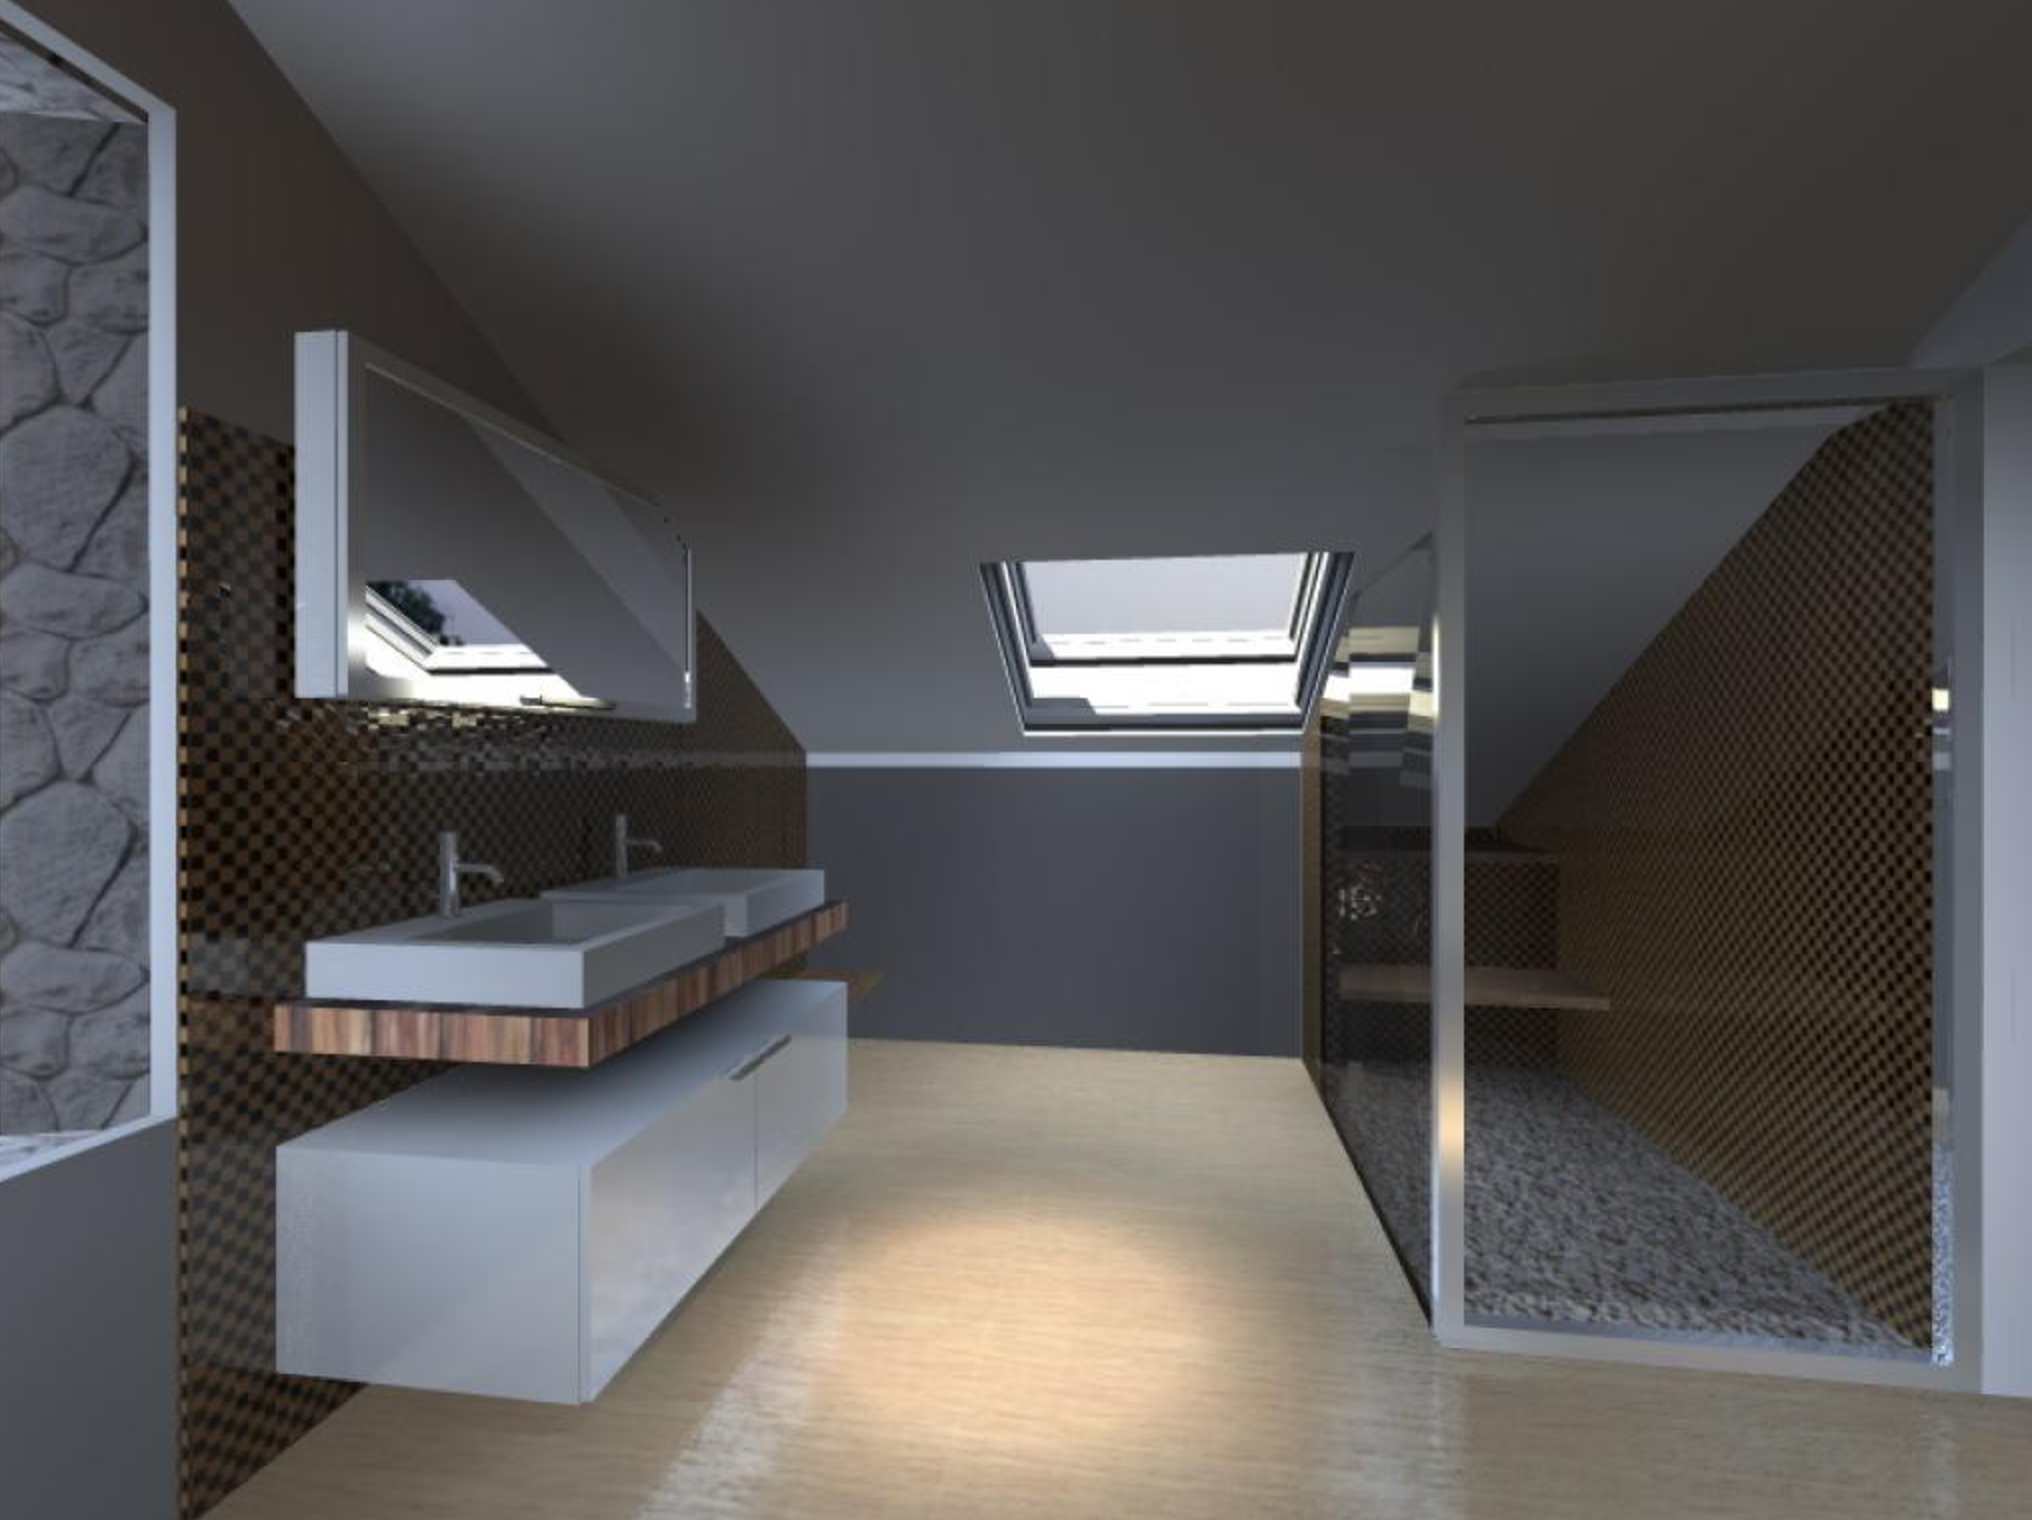 salle de bain aix les bains. Black Bedroom Furniture Sets. Home Design Ideas